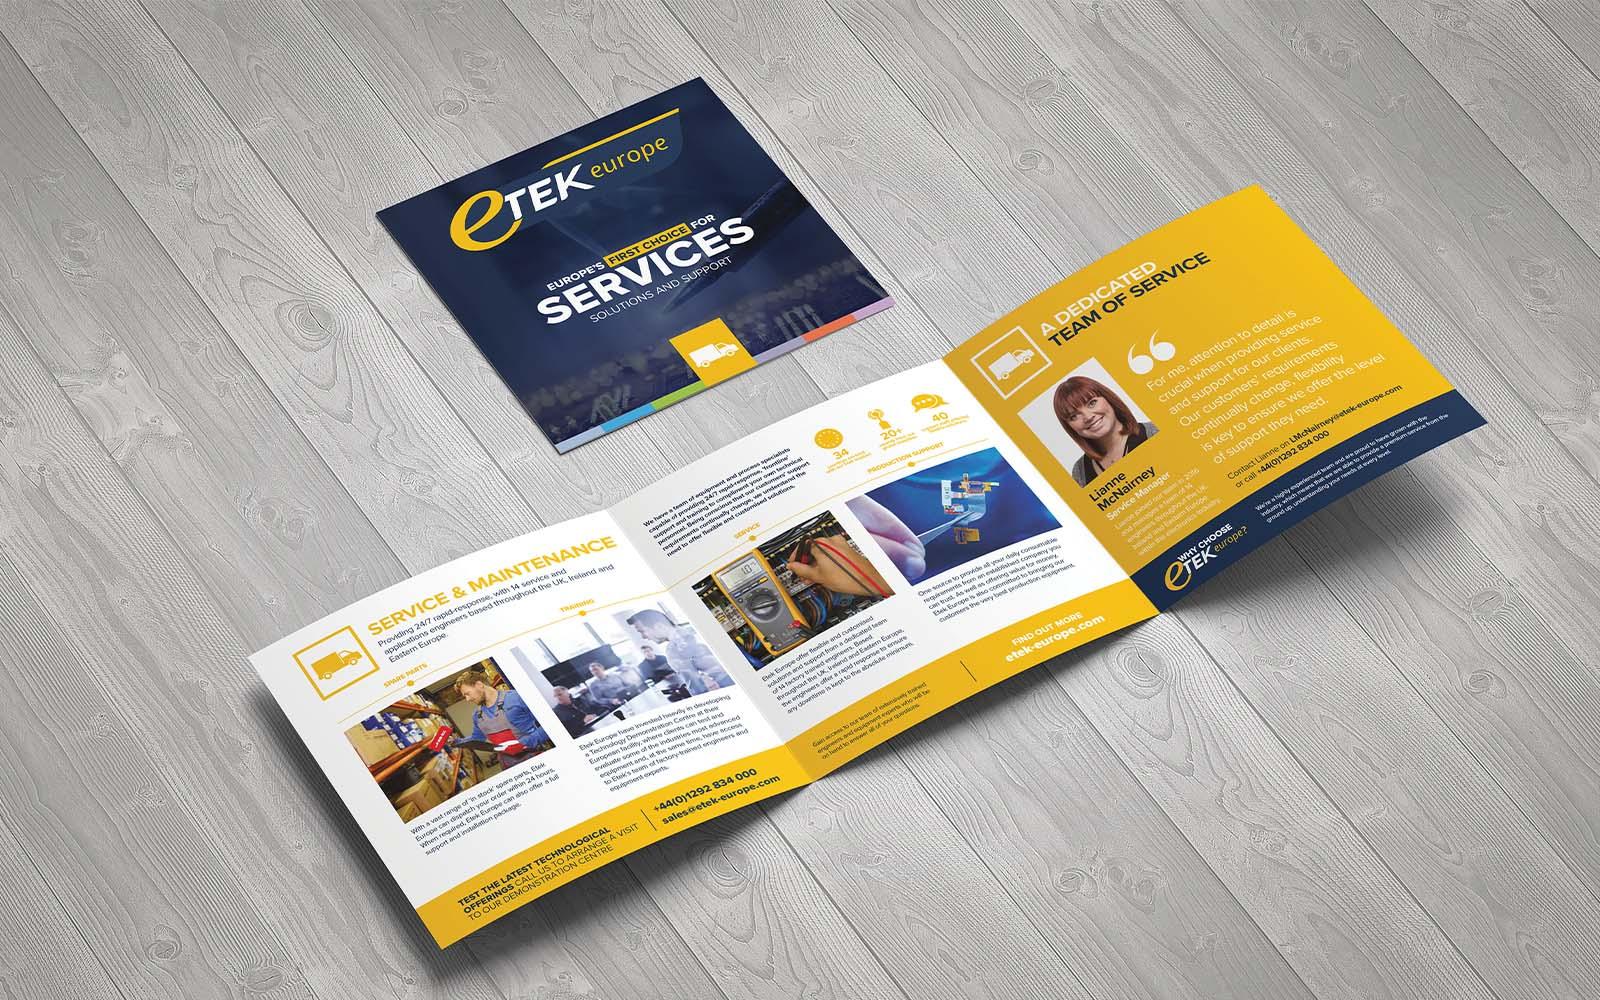 Etek Europe brochure